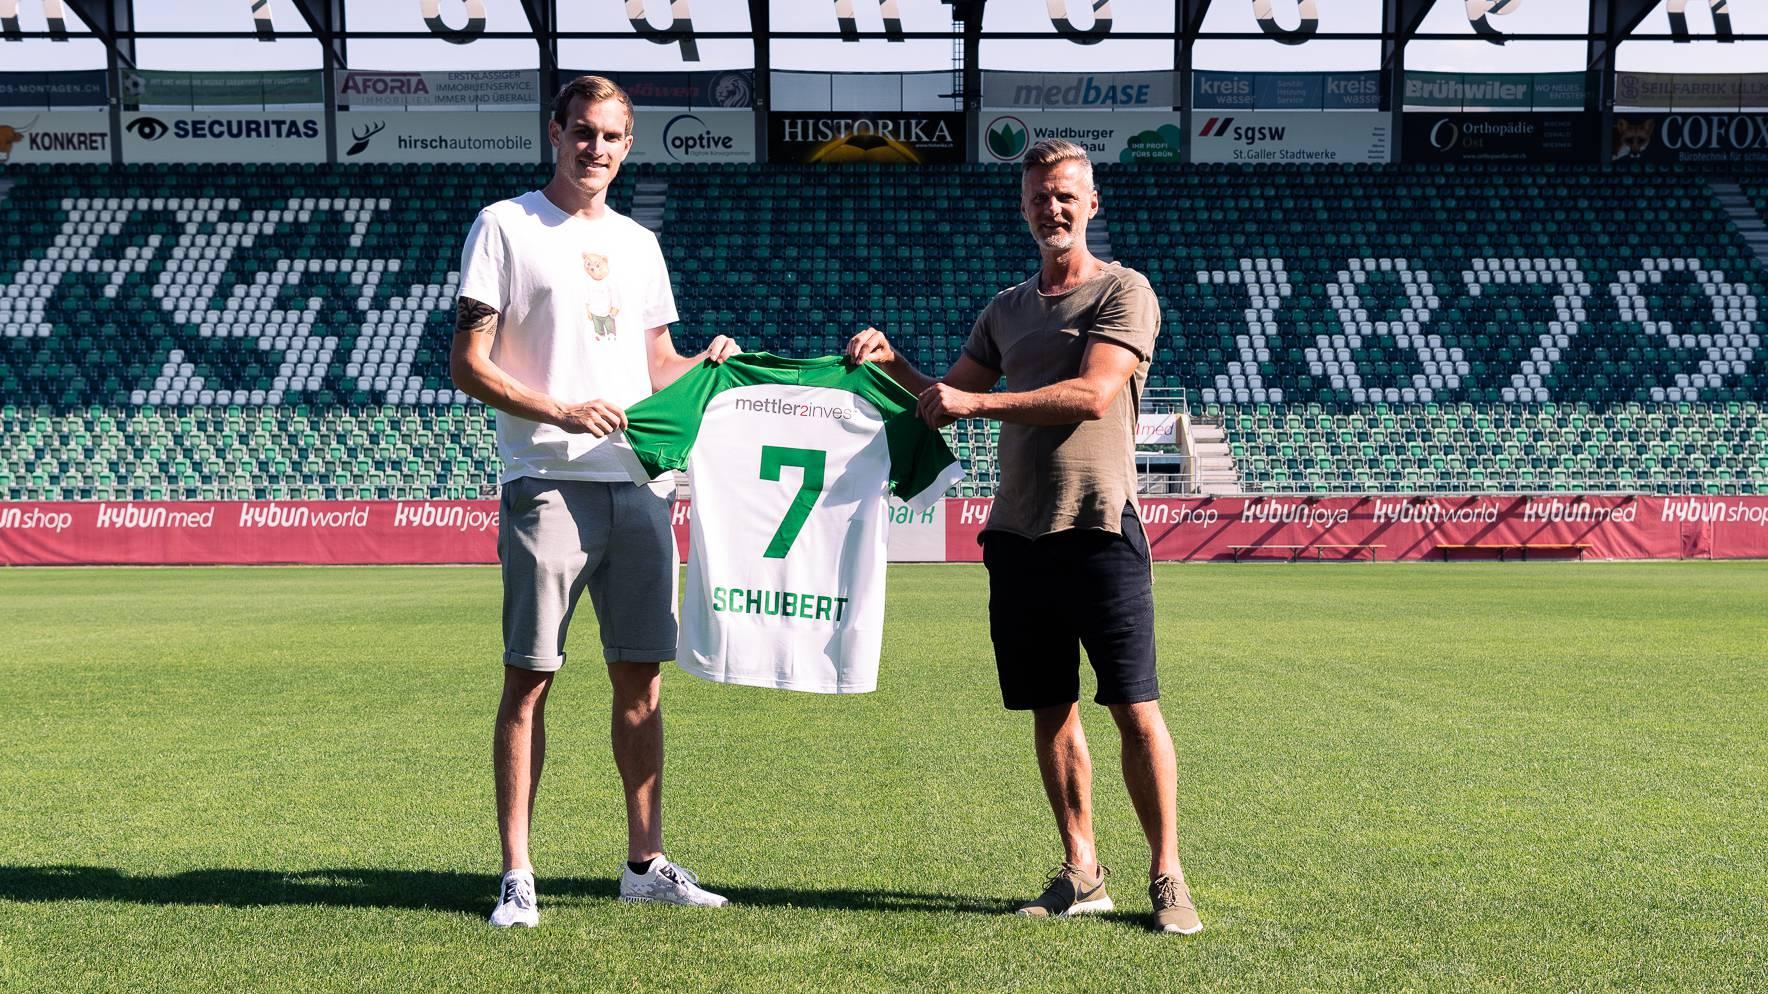 Fabian Schubert und Alain Sutter